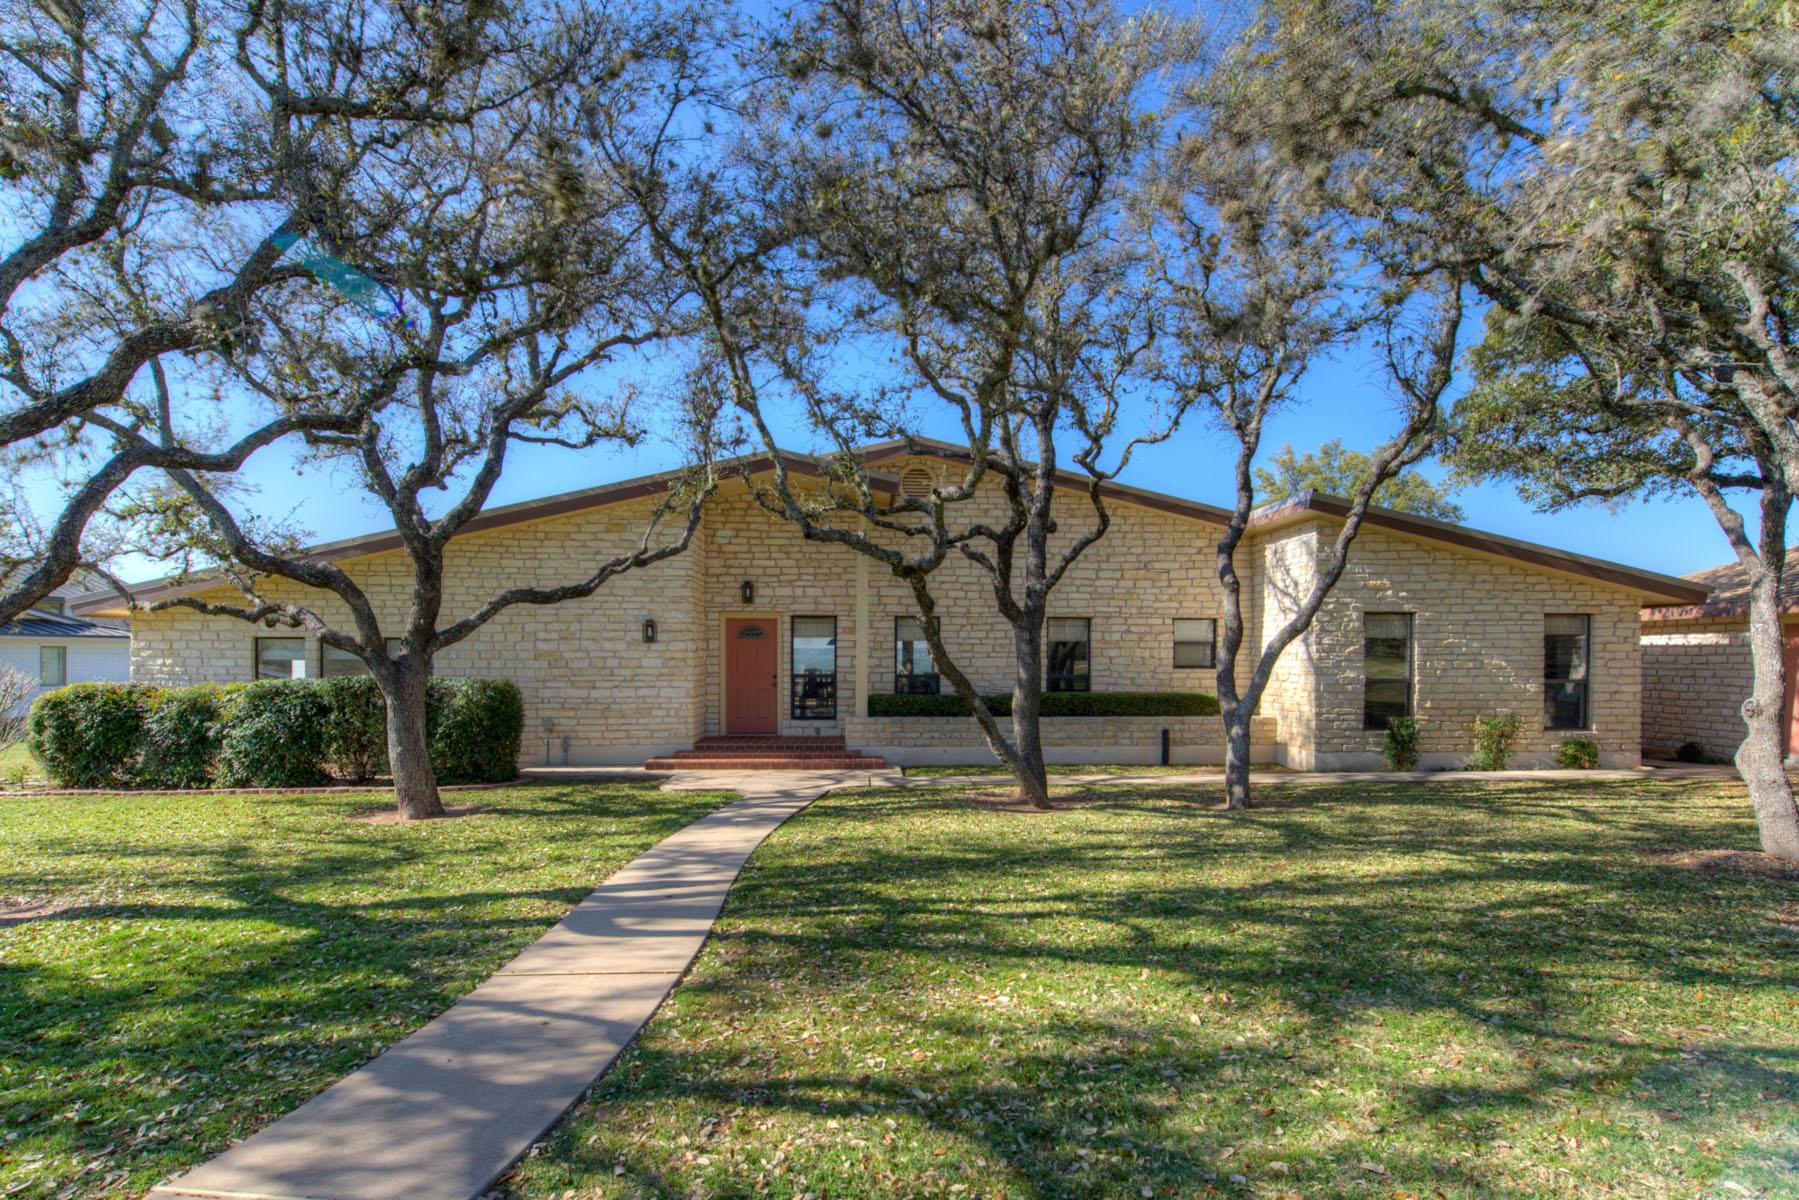 Nhà ở một gia đình vì Bán tại Stunning Waterfront Location on the Lake 108 Emeralds Dr Burnet, Texas, 78611 Hoa Kỳ